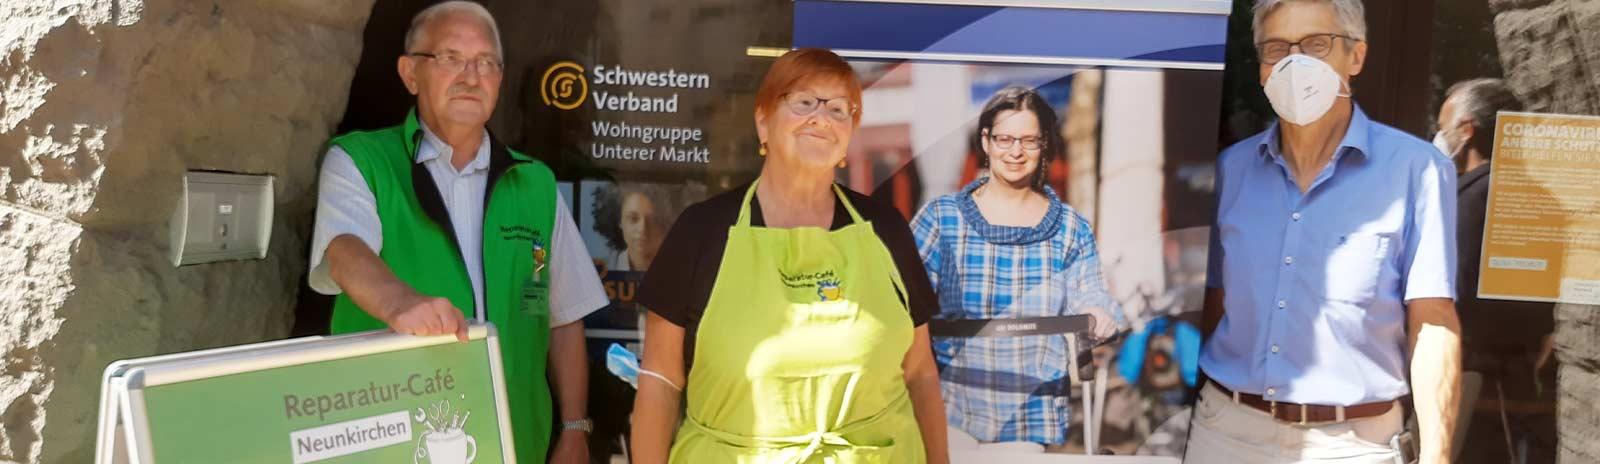 Unterer-Markt_Reparaturcafé_slider